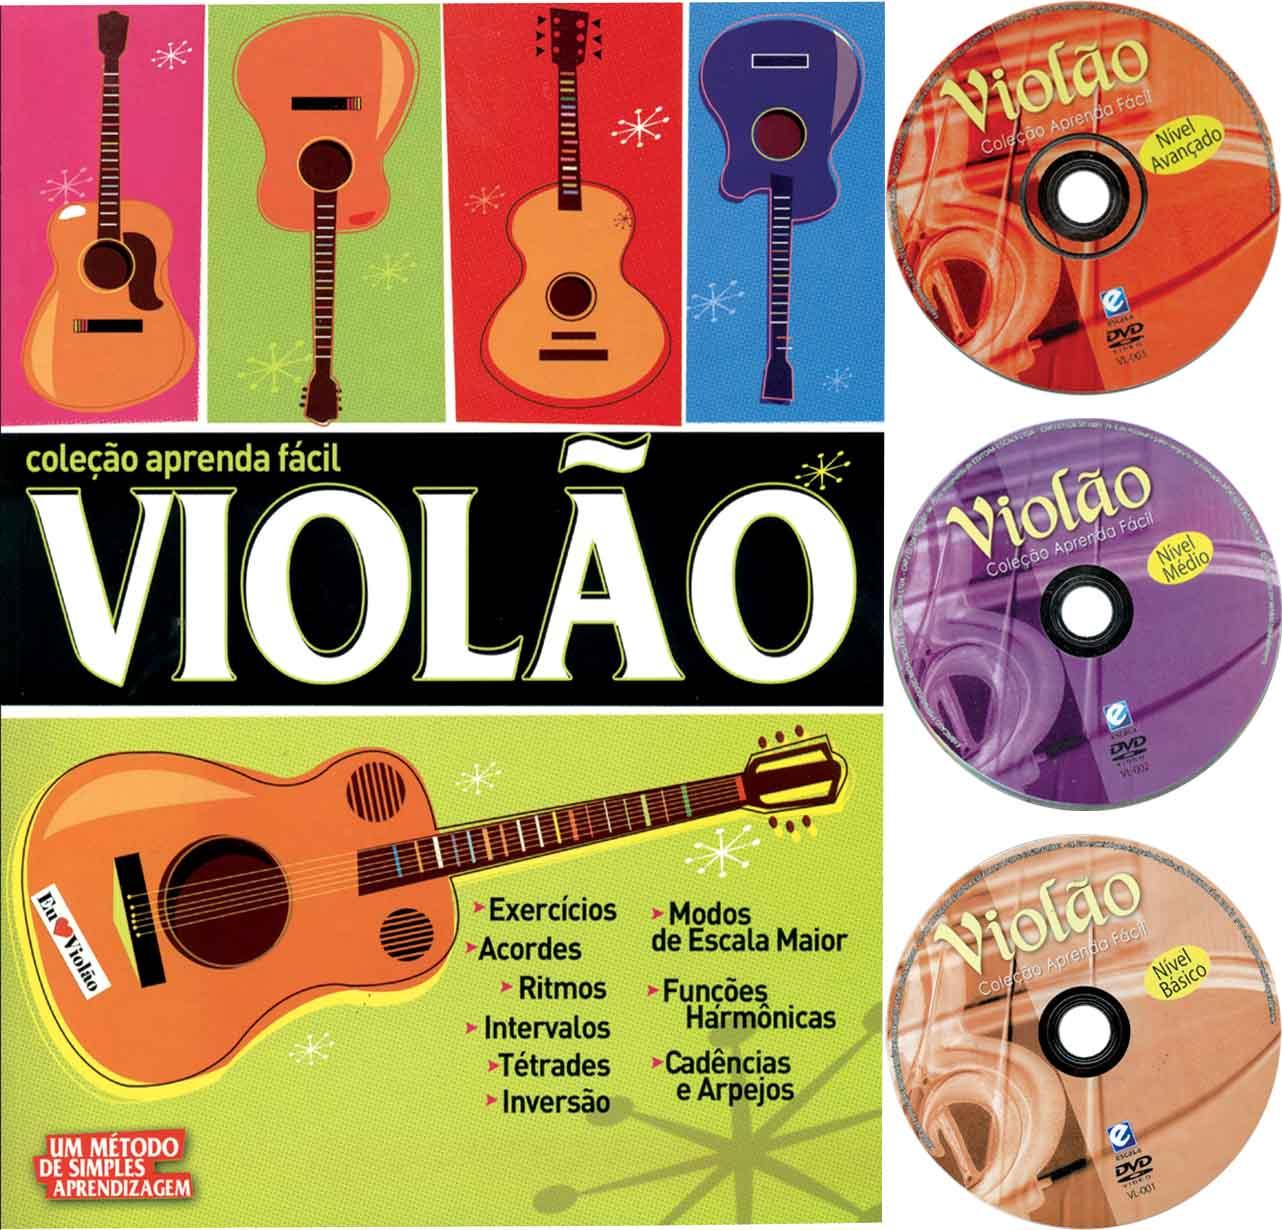 Coleção Aprenda Fácil: Violão Completo 444